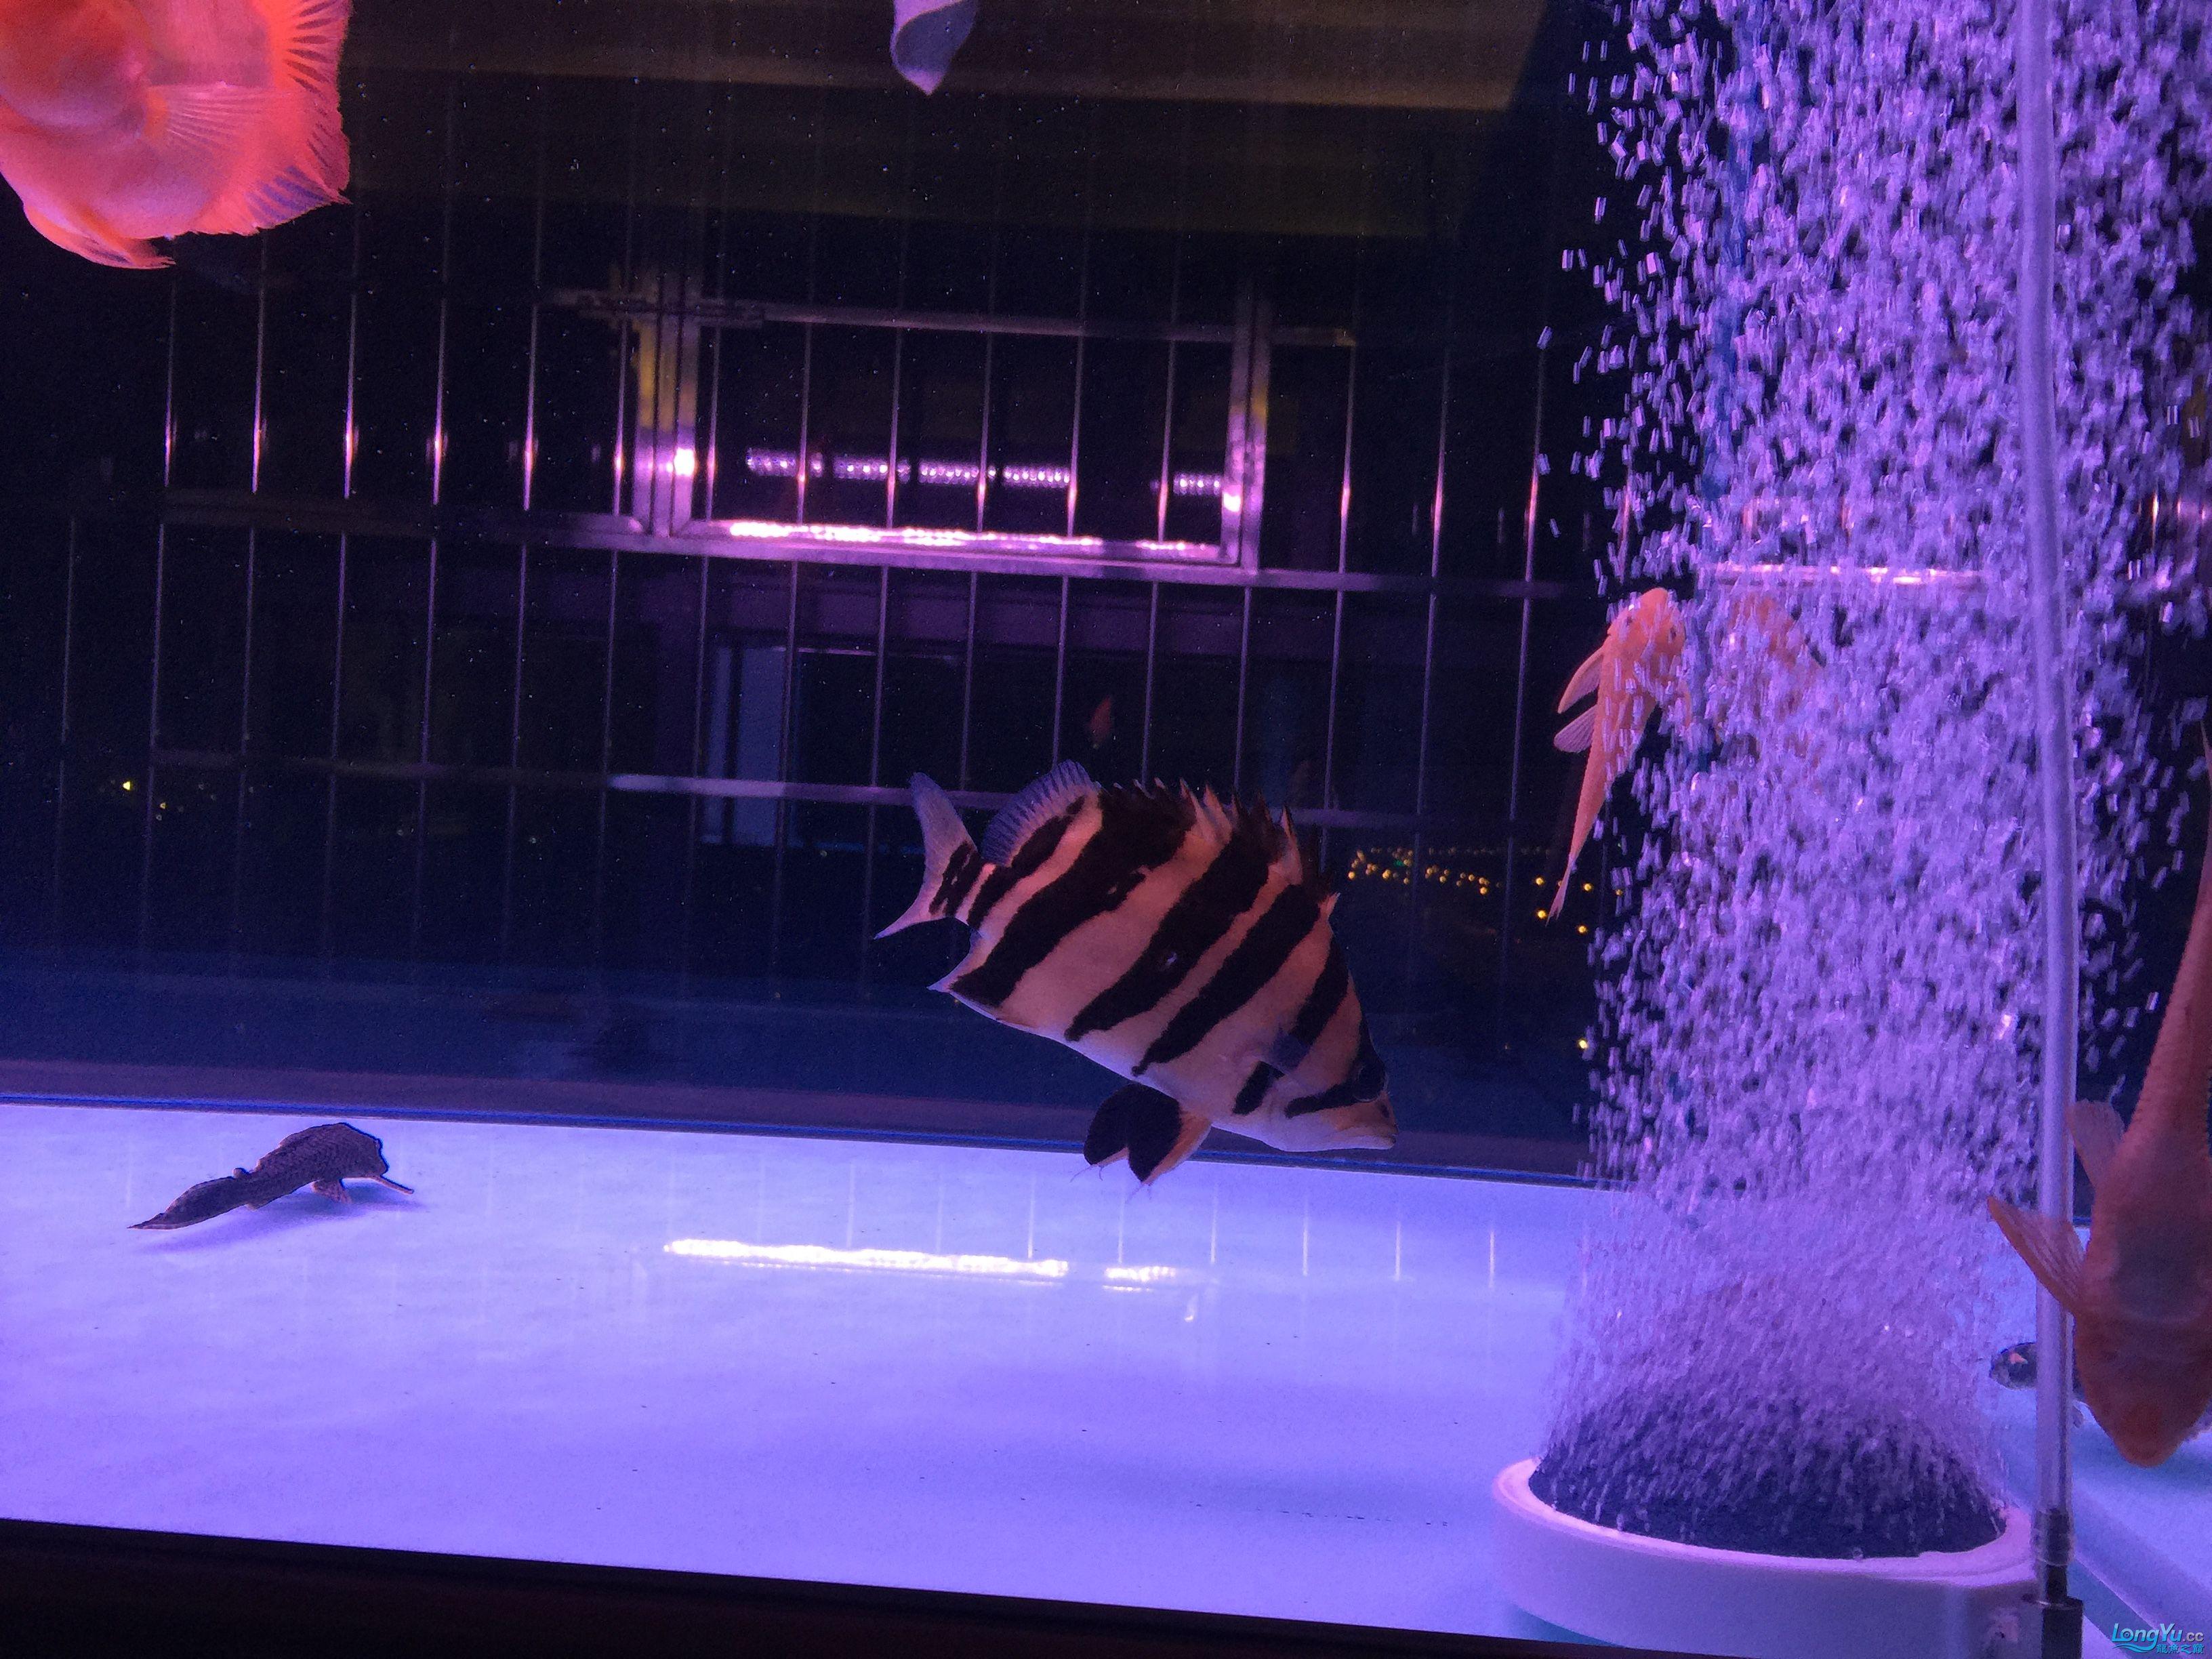 【西安鱼缸厂家】鱼友们除鱼腥味有什么好办法?